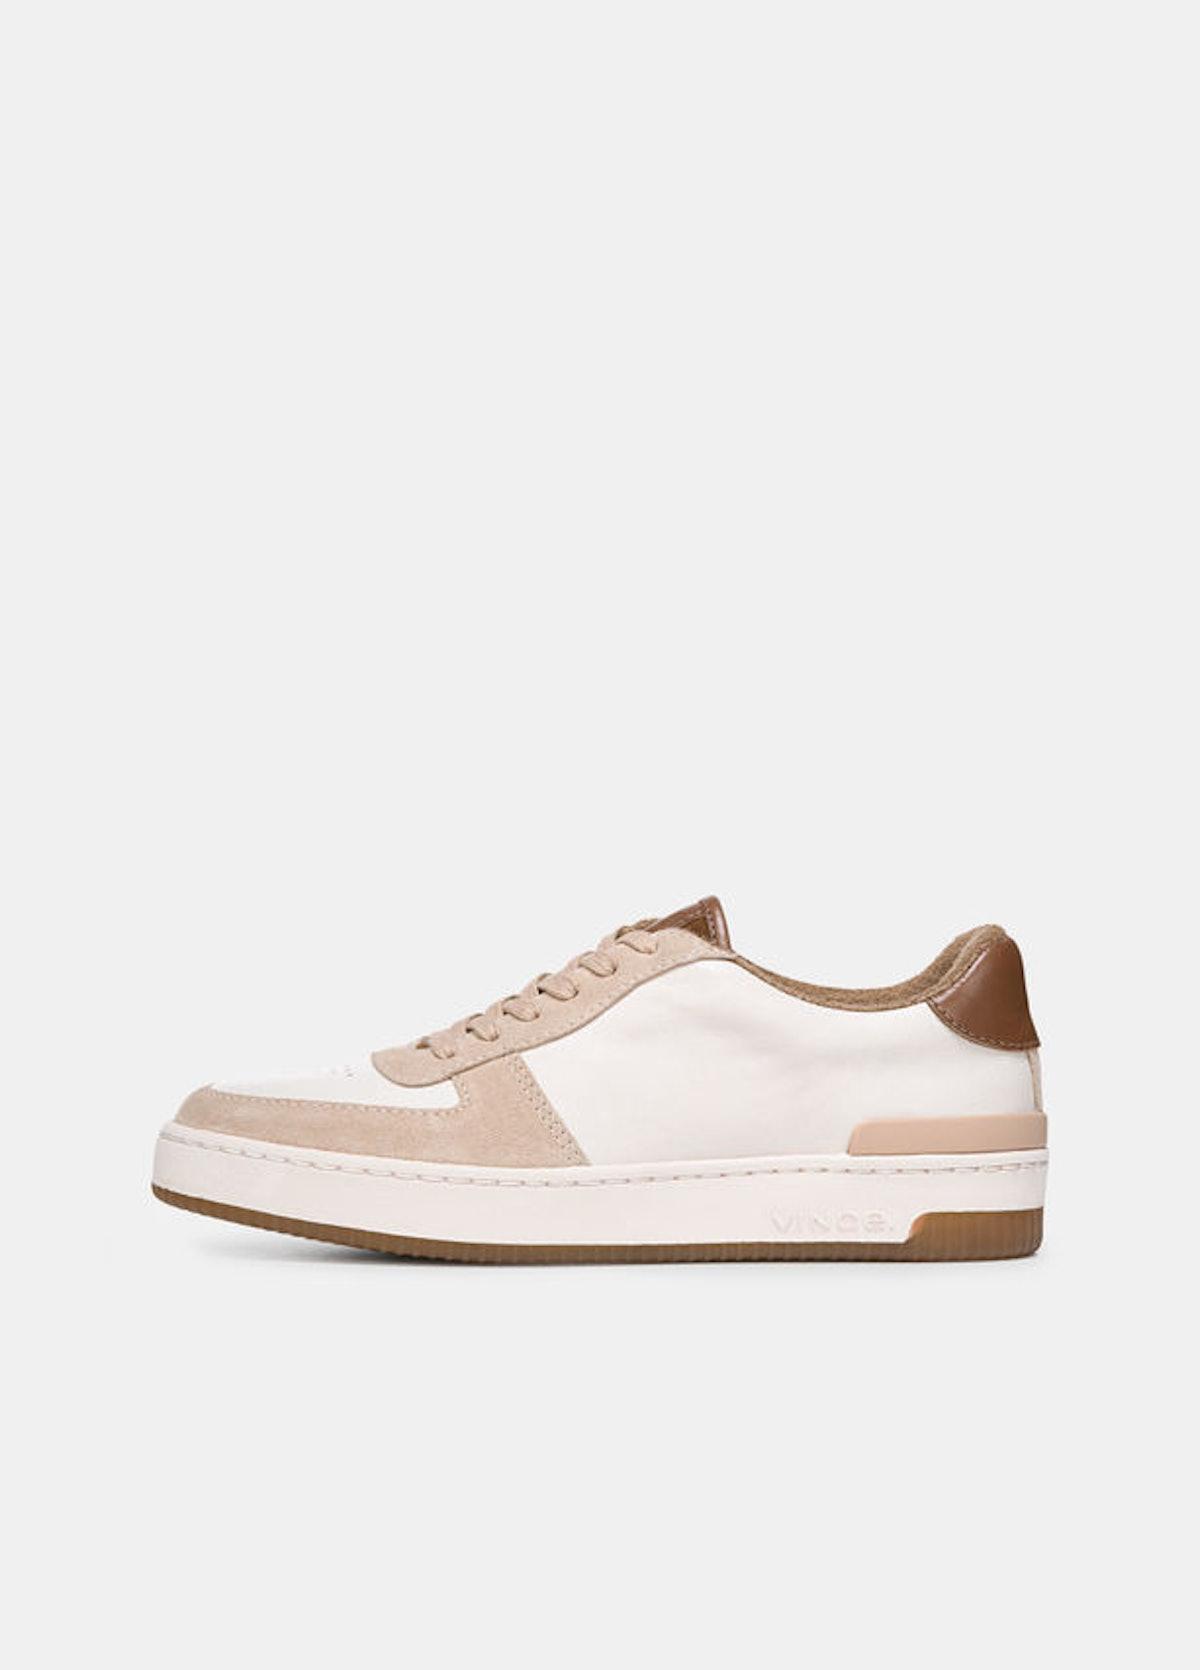 Rendel Suede Sneakers